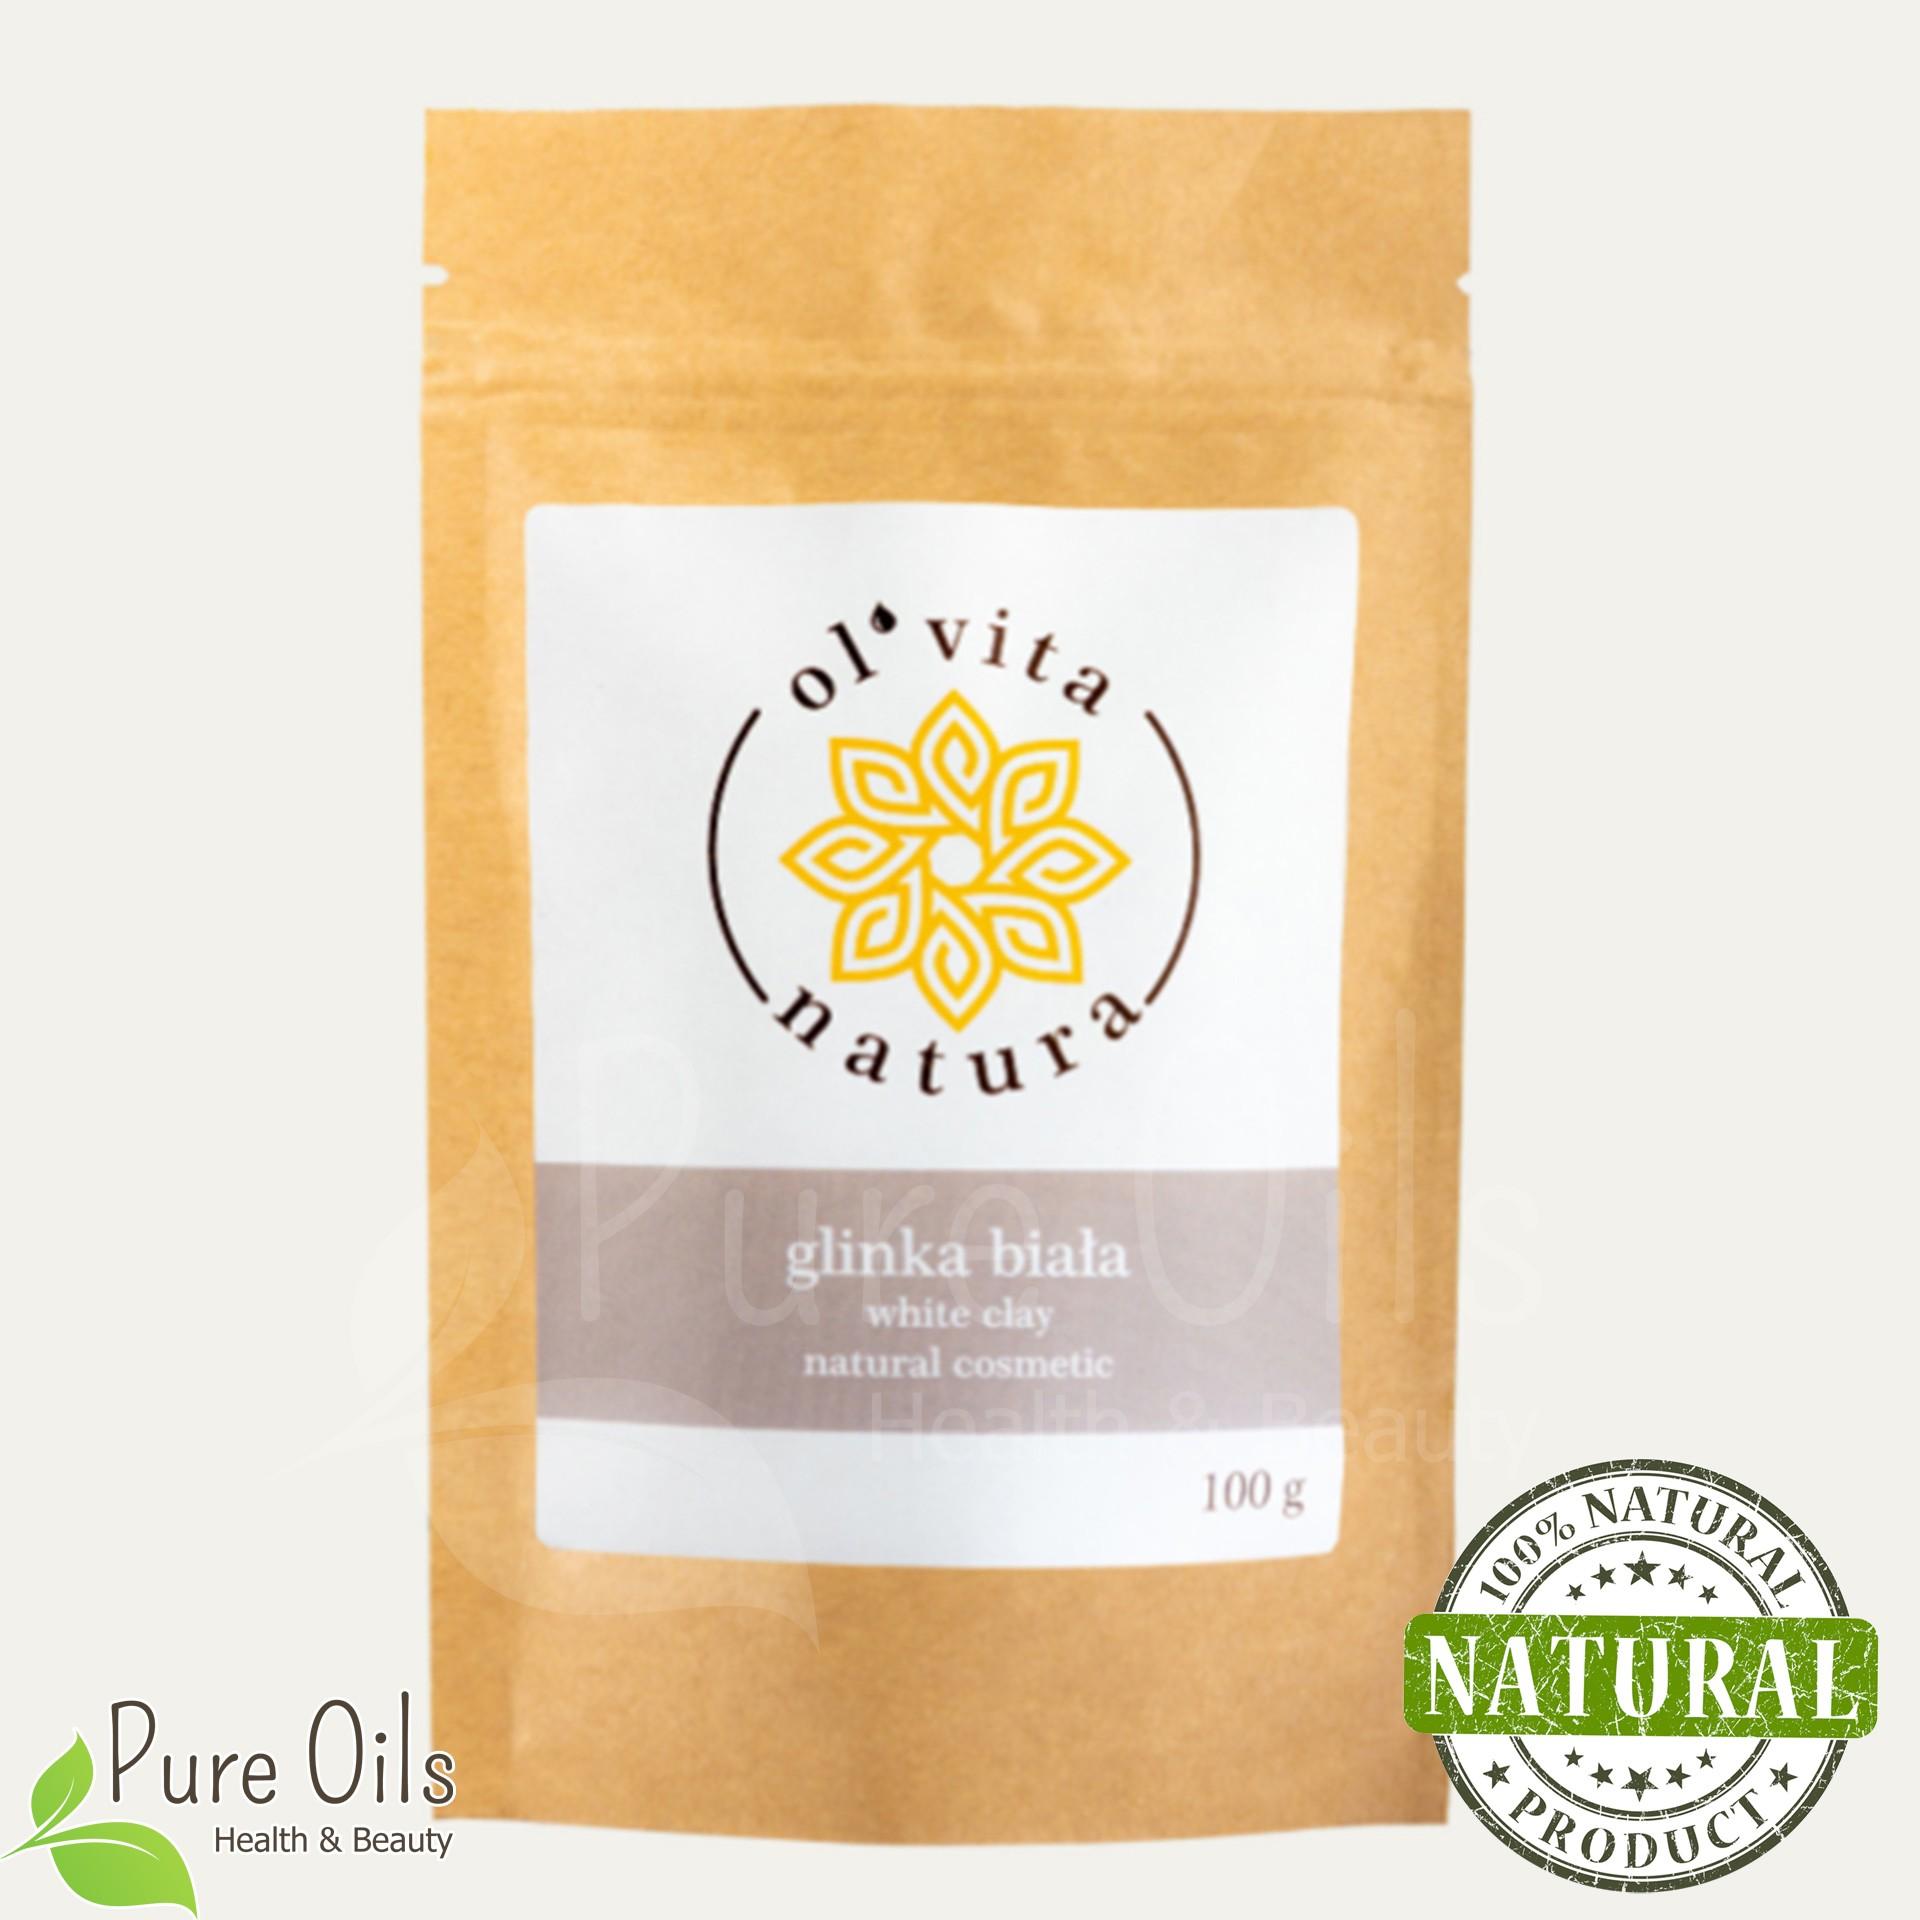 Glinka Biała - Naturalny kosmetyk, Ol'Vita 100  g